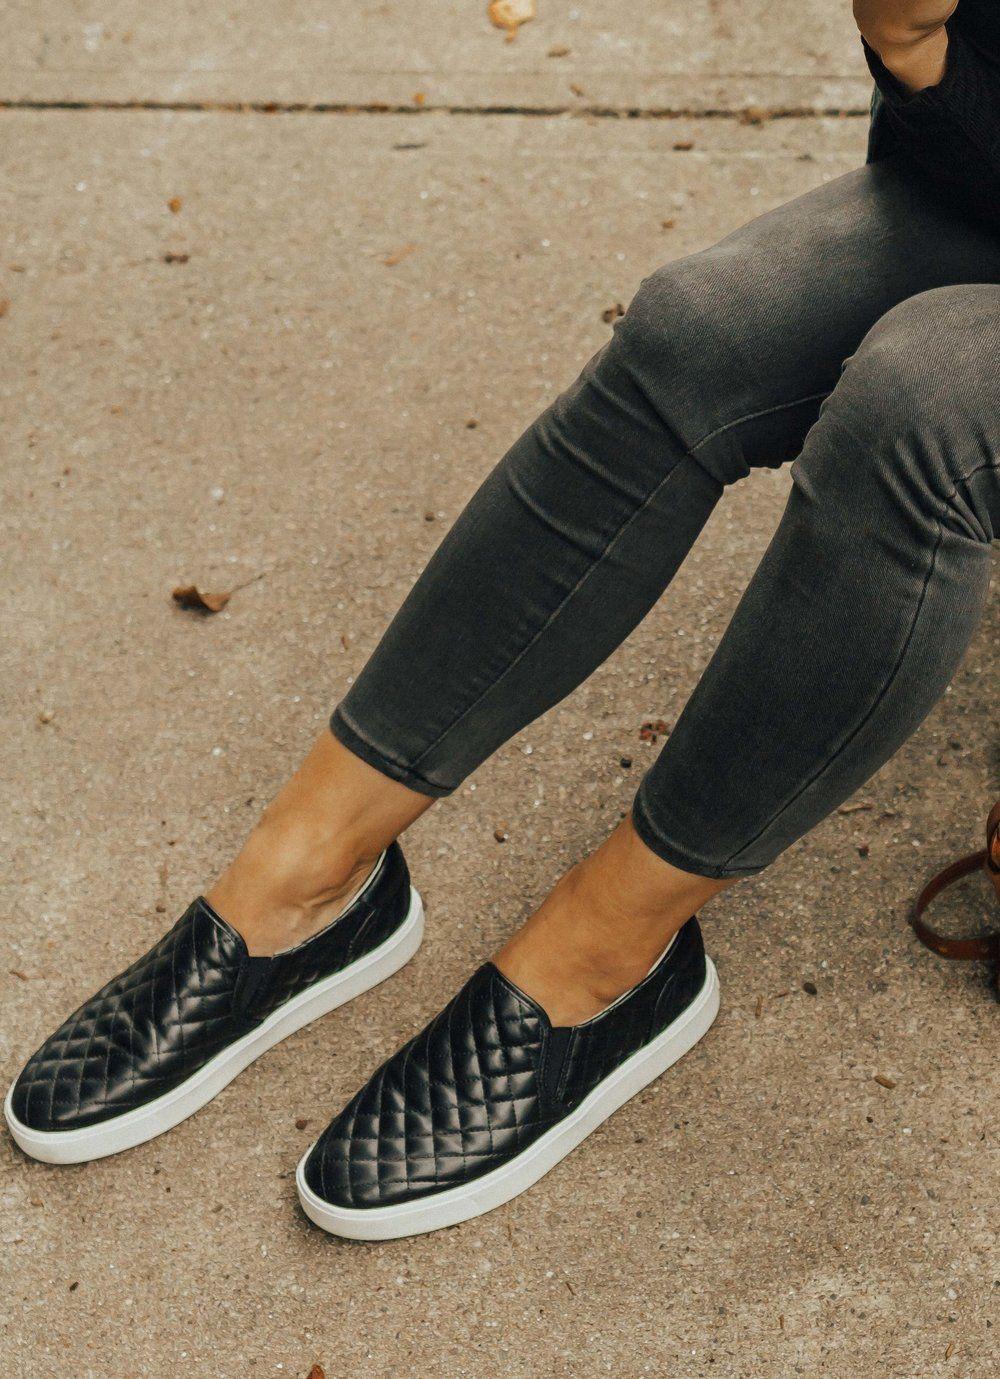 d2467cf88 Weekly Find  Sam Edelman Slip-On Sneaker